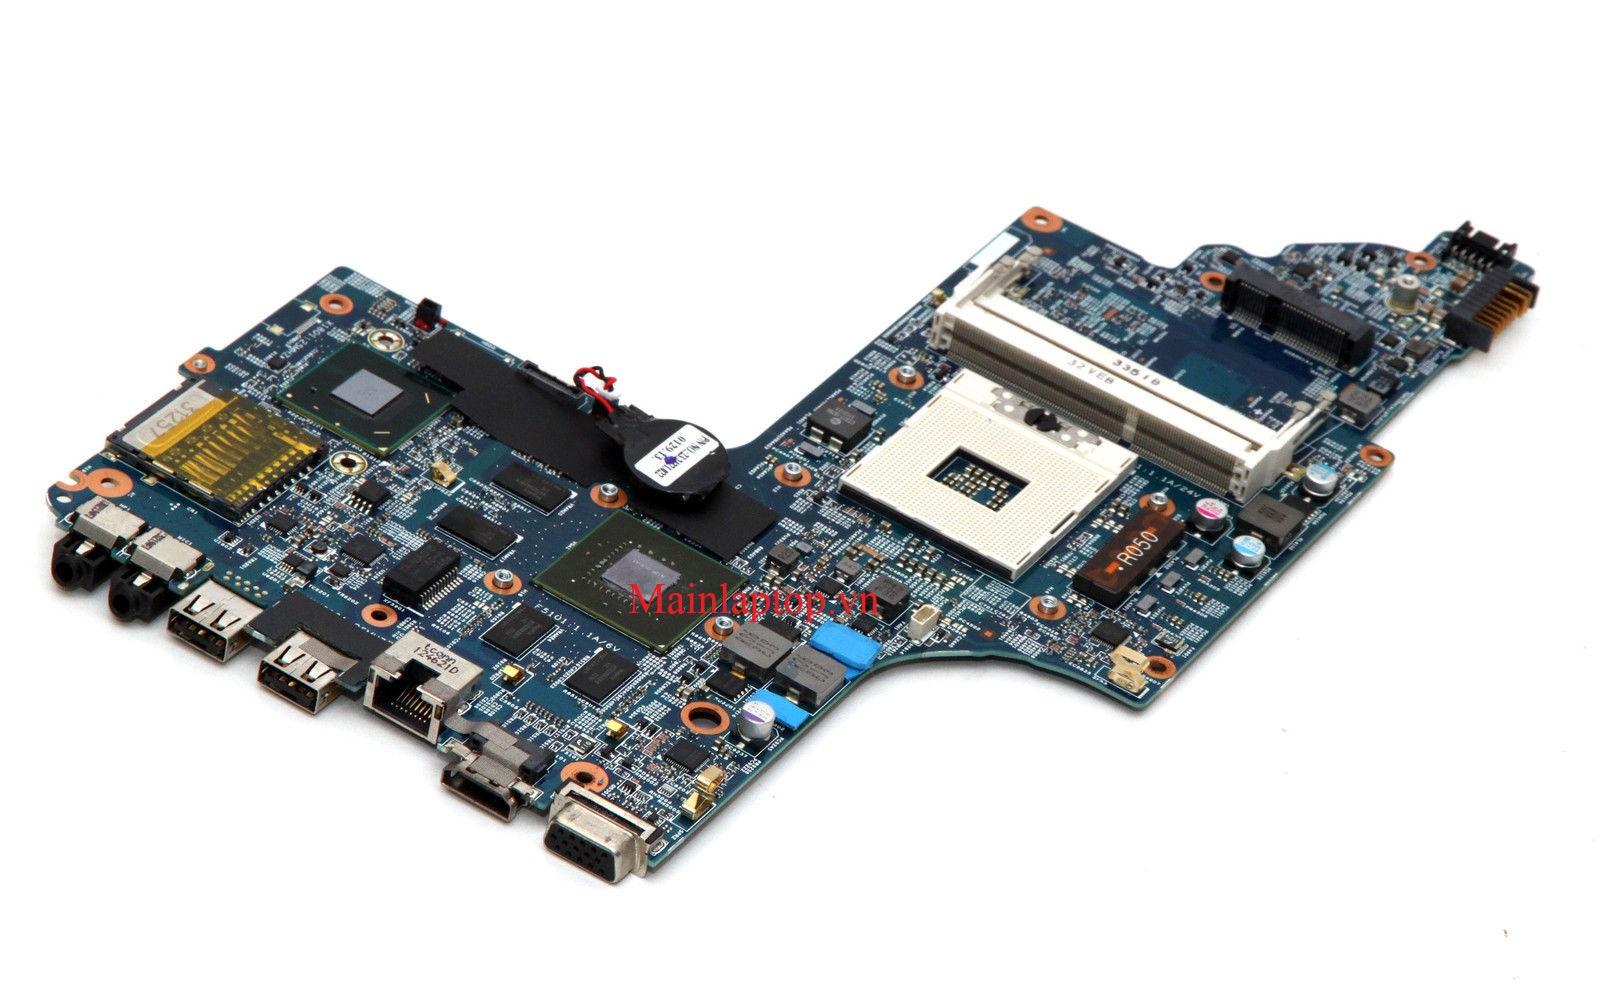 Main HP ENVY DV6 DV6-7000